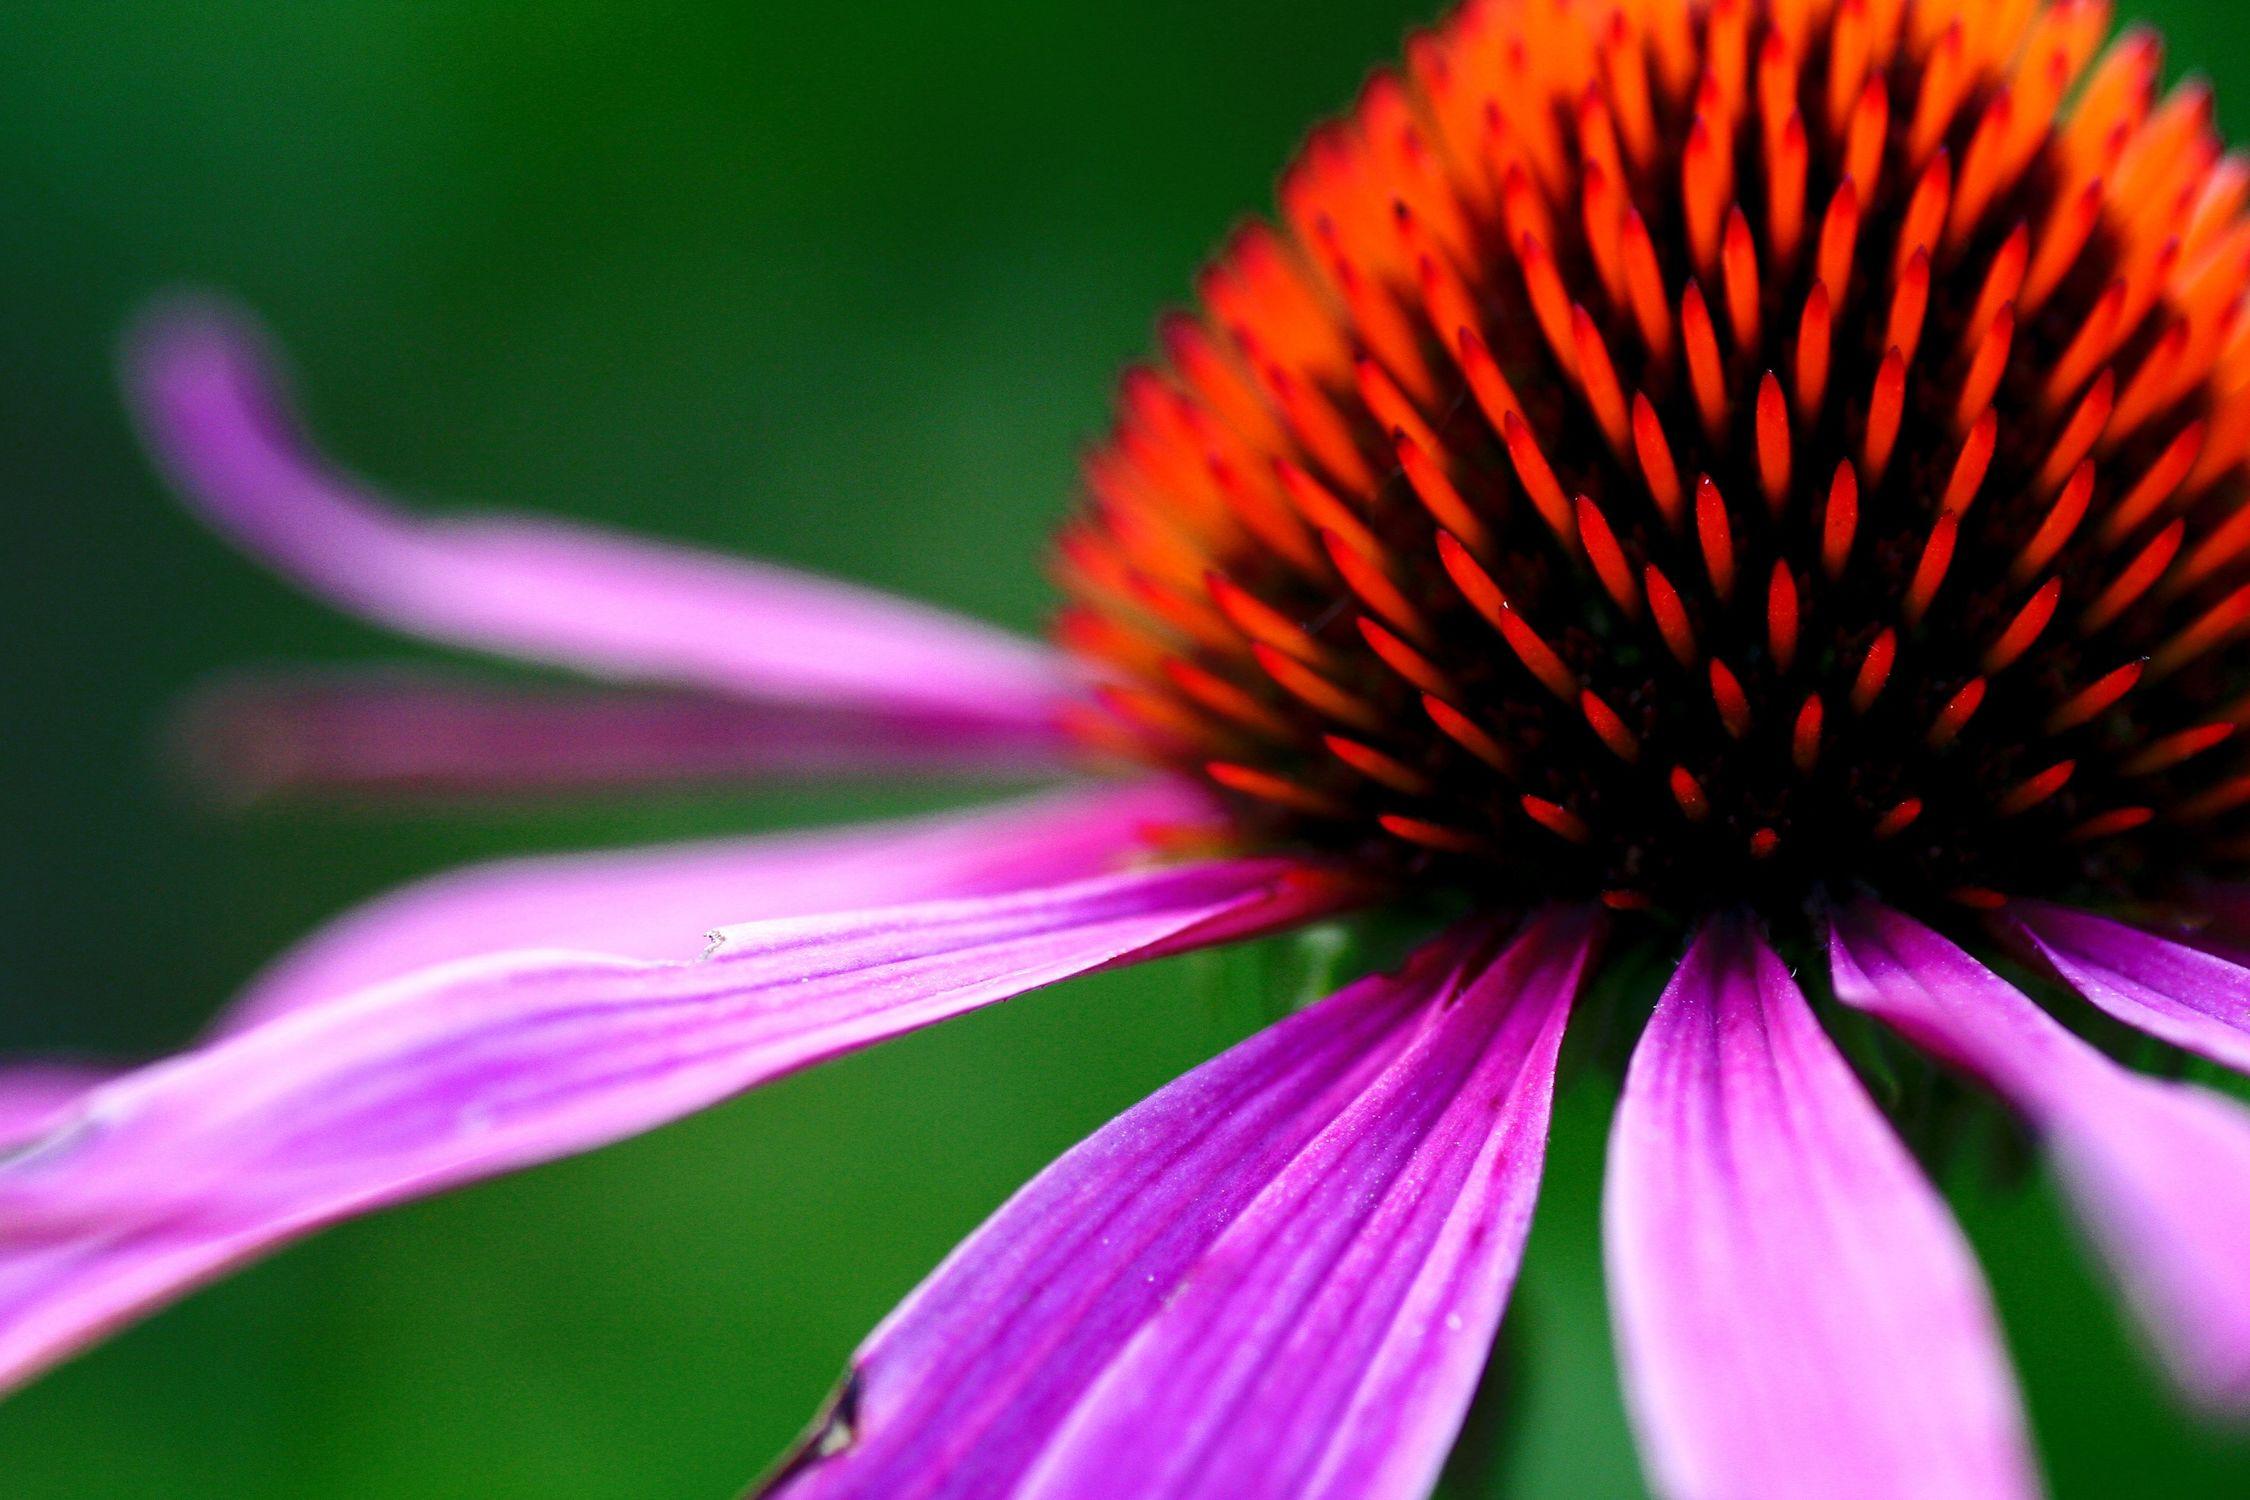 Bild mit Farben, Natur, Pflanzen, Blumen, Rosa, Lila, Korbblütler, Sonnenhüte